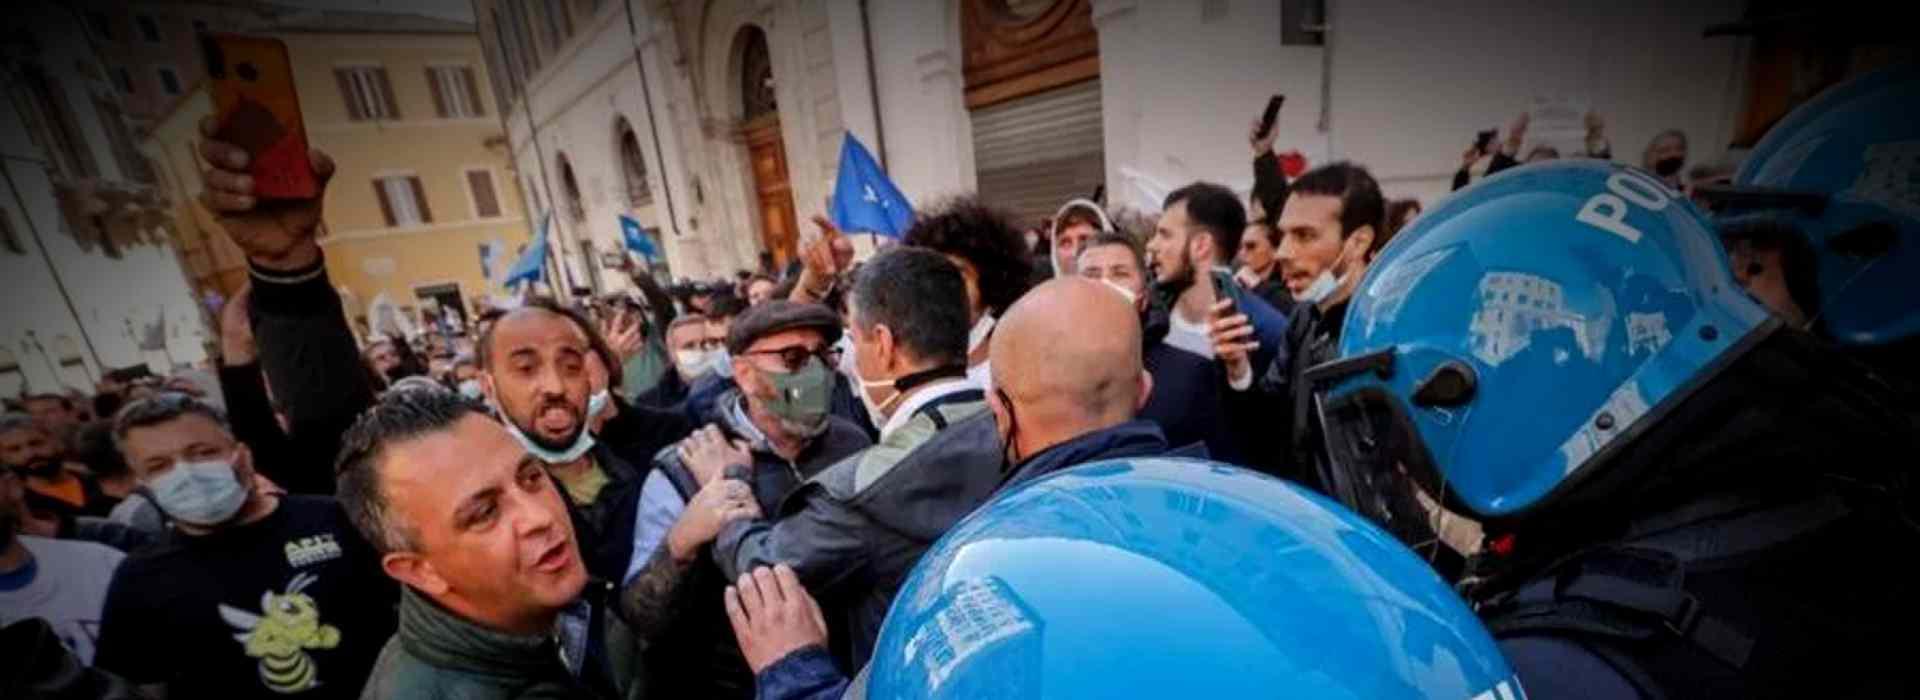 La protesta delle Partite Iva: tensione a Milano e Roma